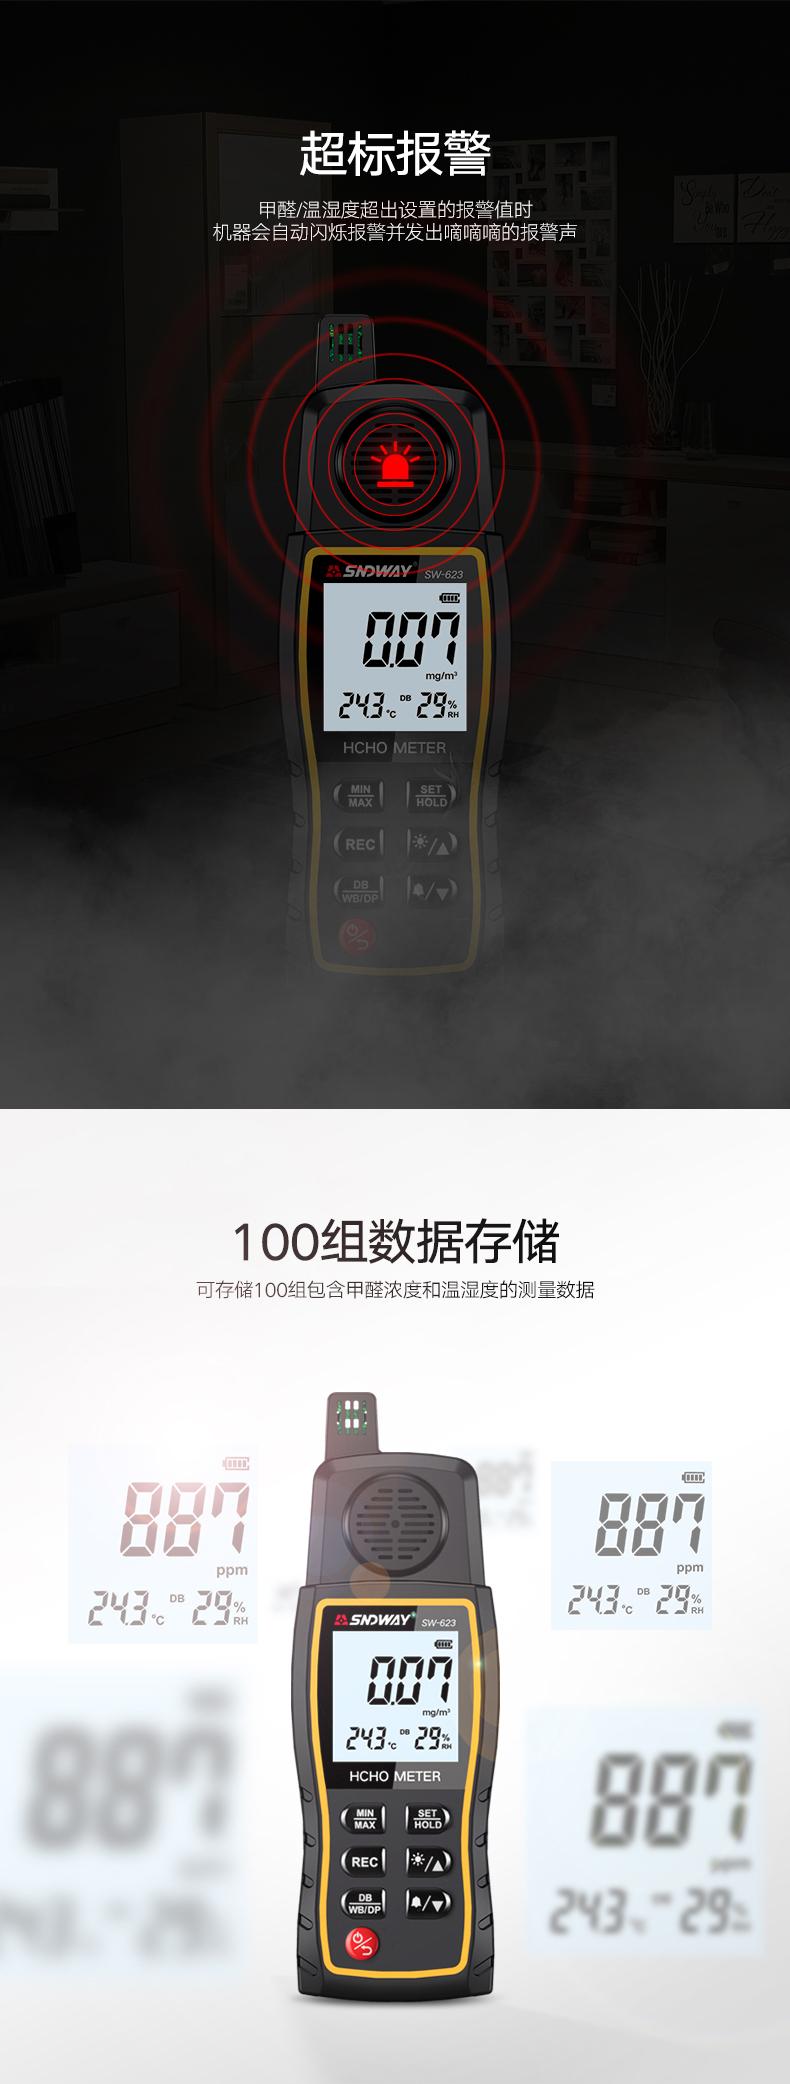 深达威专业测甲醛检测仪器家用室内便携式工业级空气质量测试仪-tmall_07